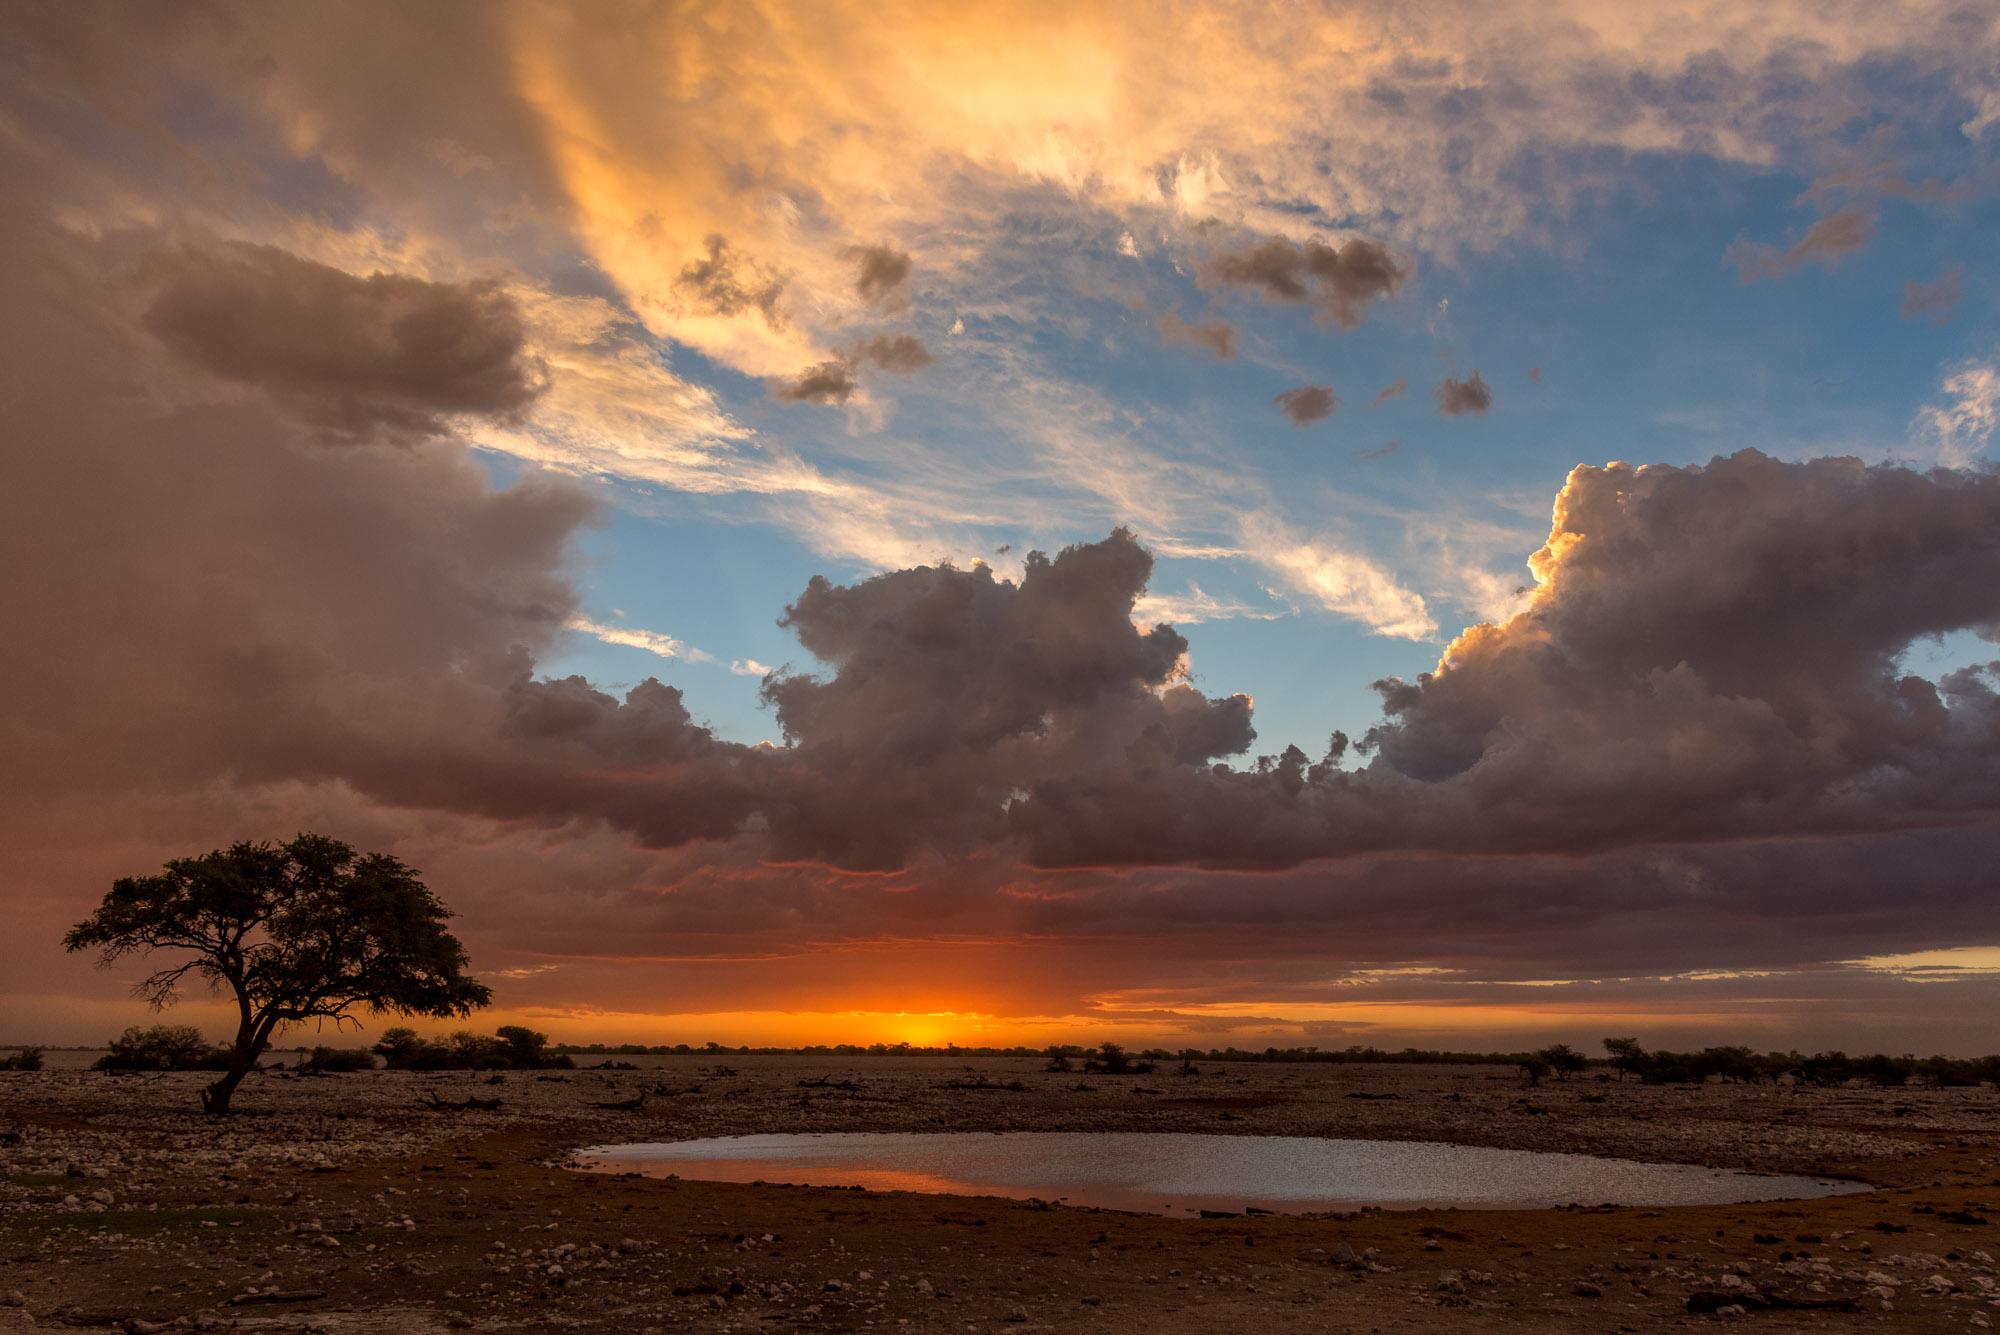 tramonto a Okaukuejo nel parco del etosha